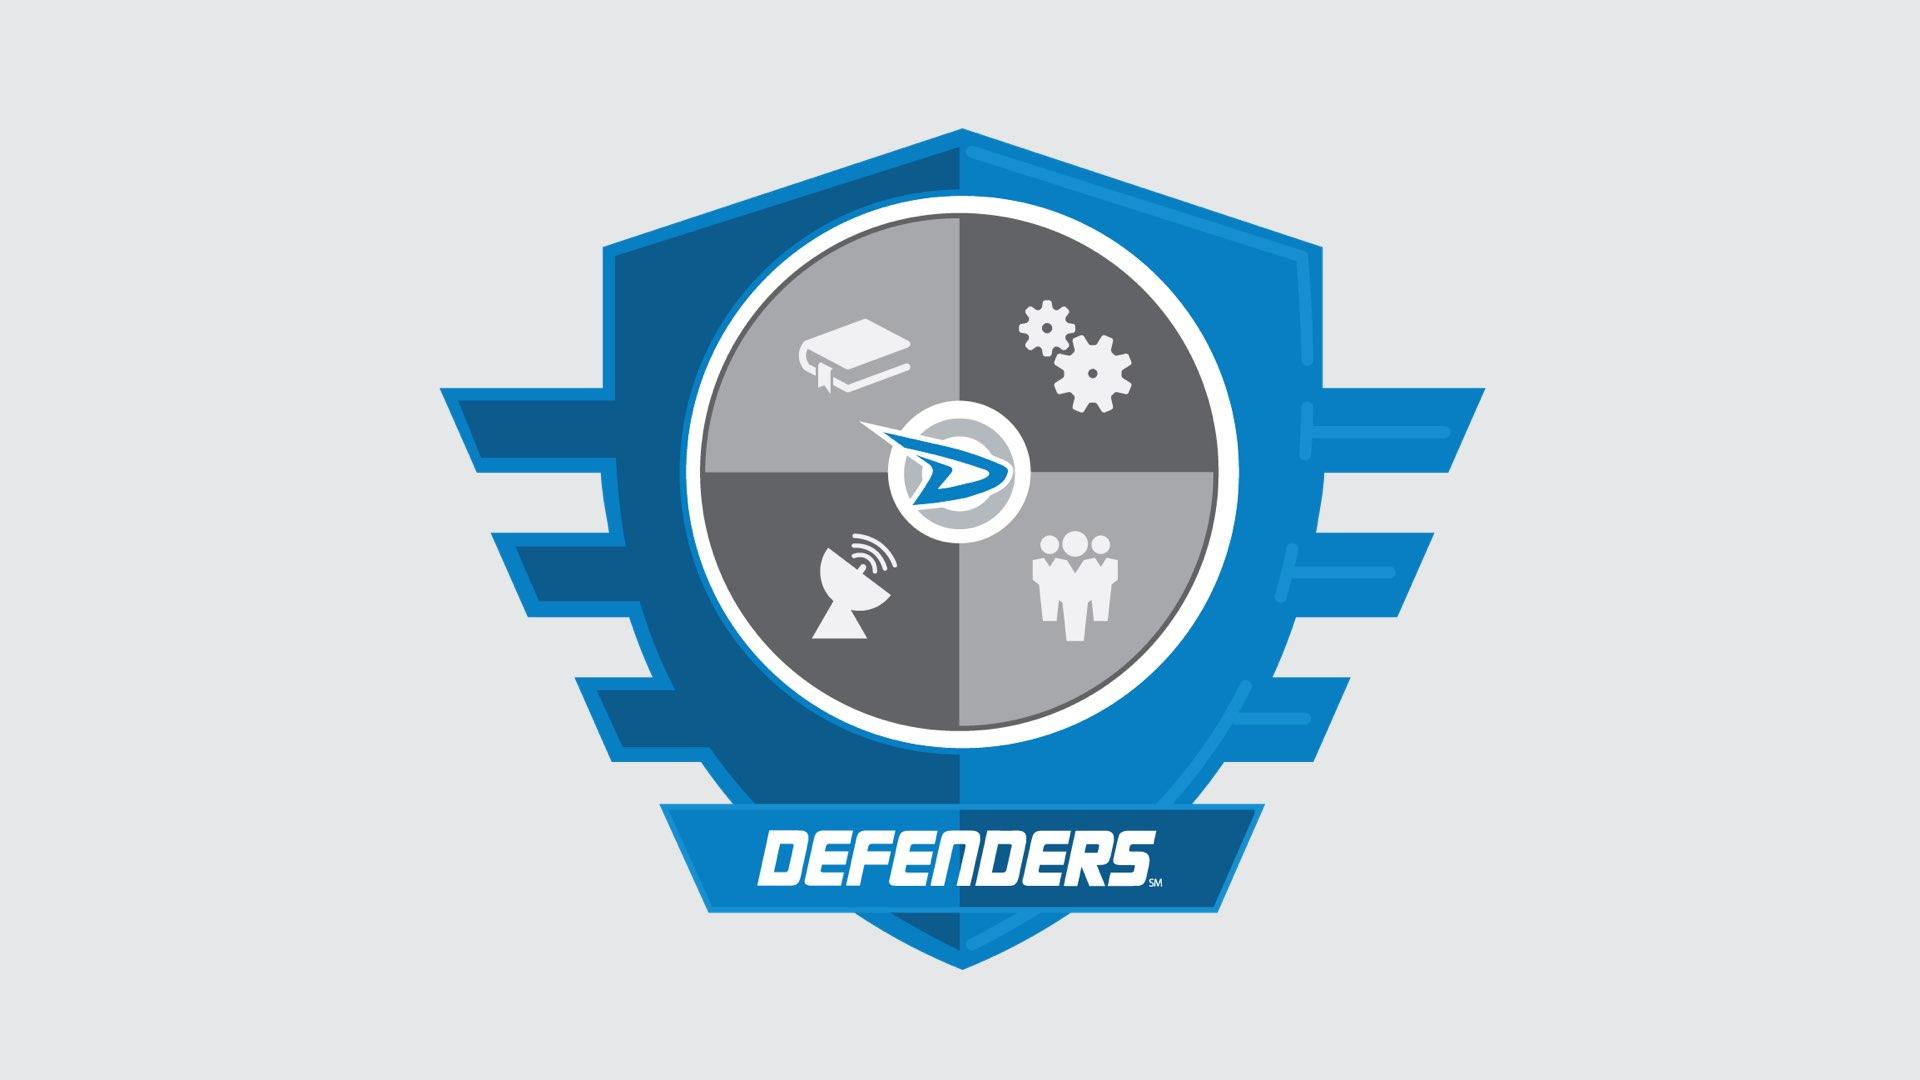 Defenders_MasterDeck3.010.jpeg